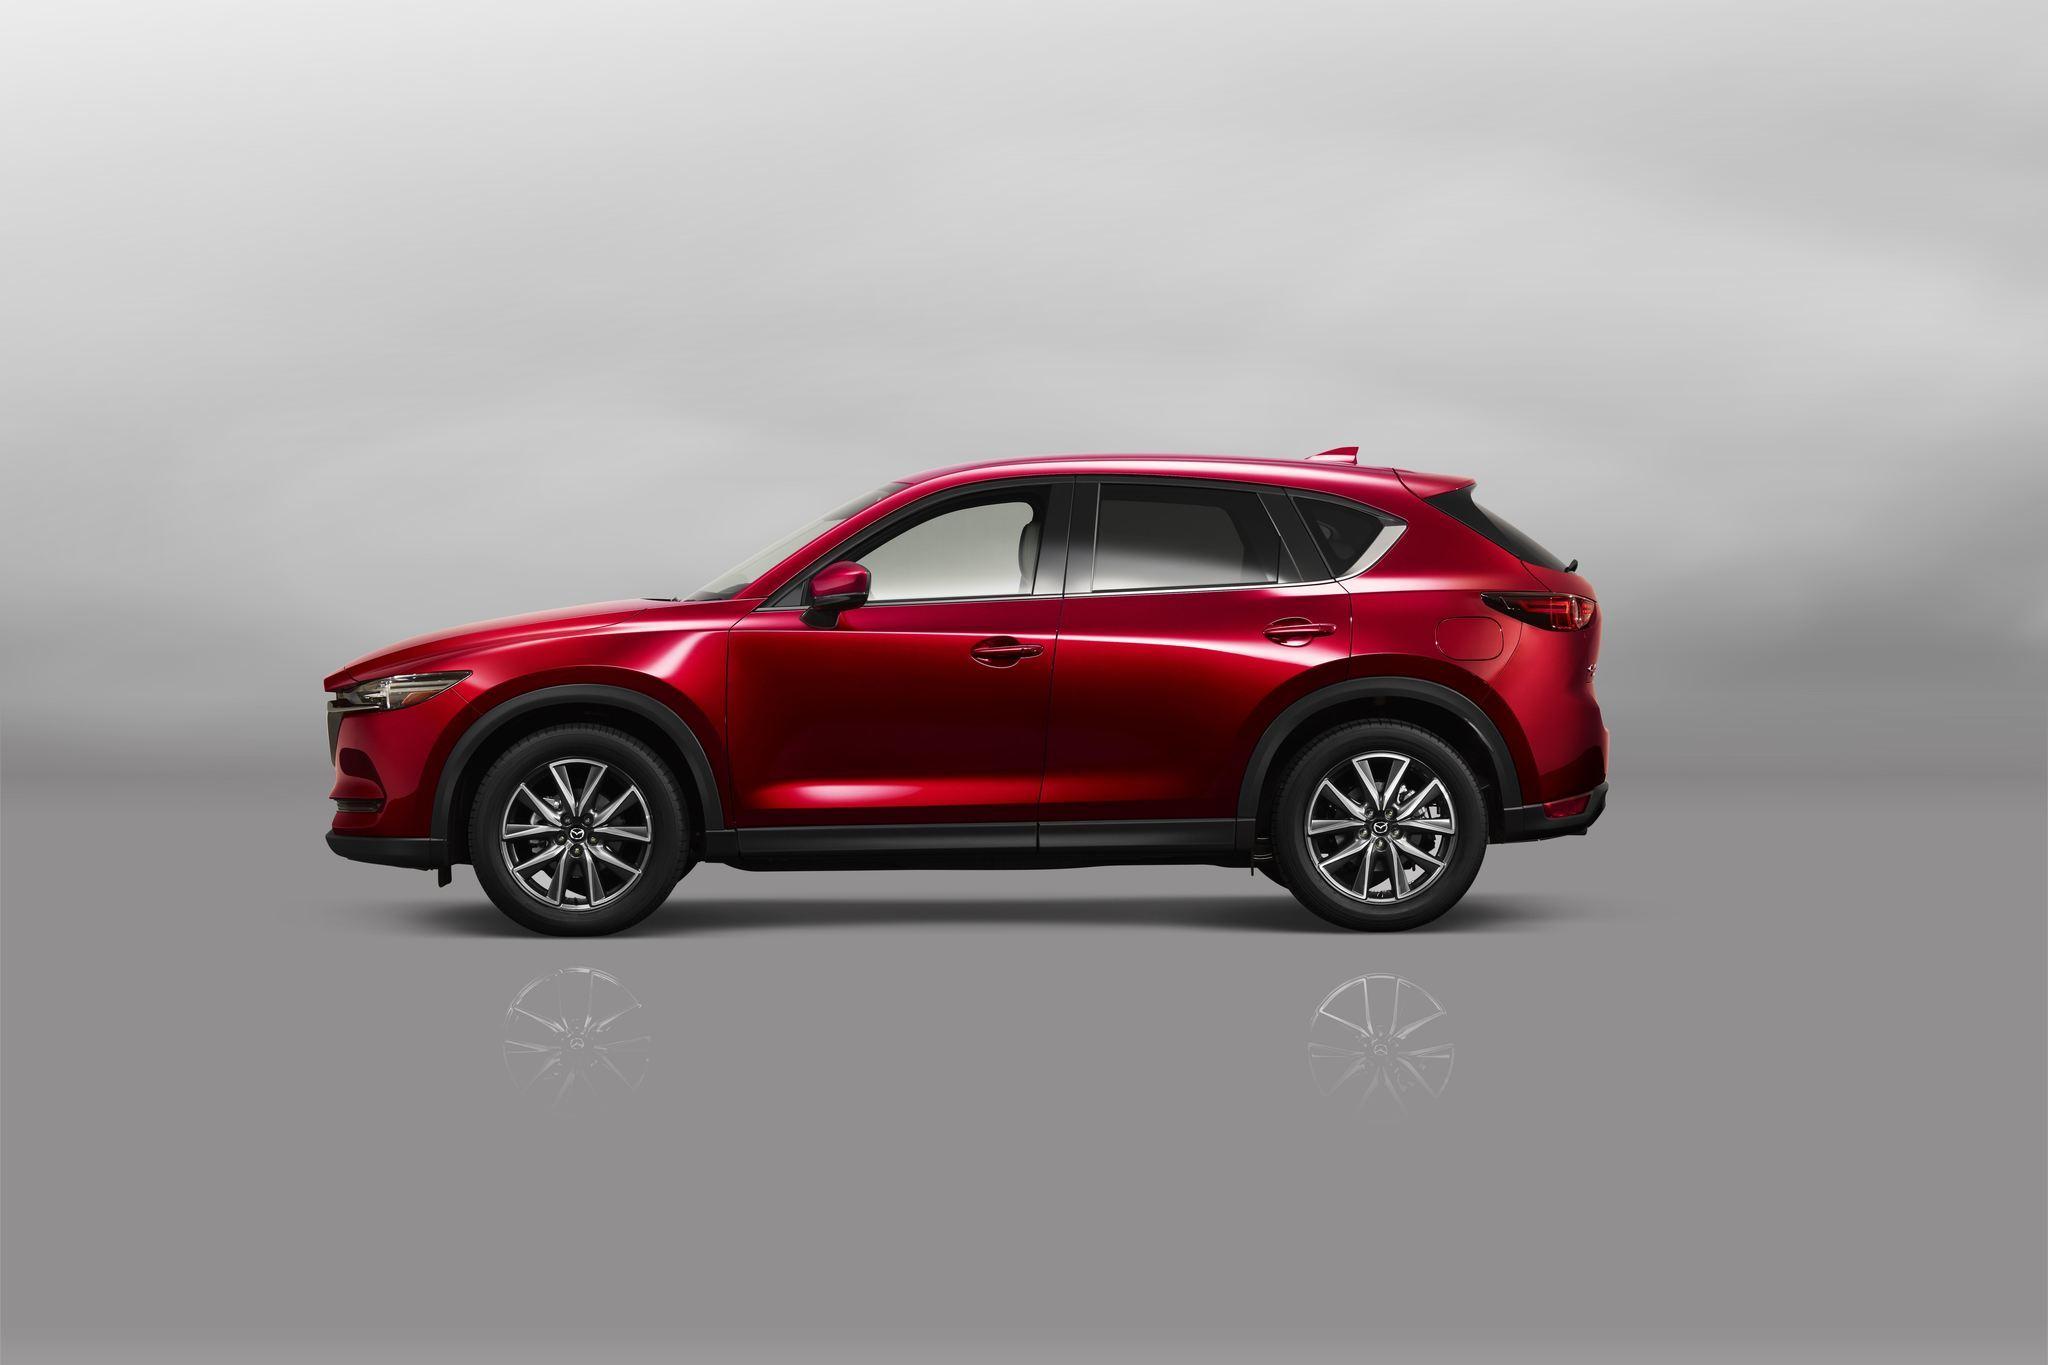 2017 Mazda CX 5 pushes into premium segment Chicago Tribune